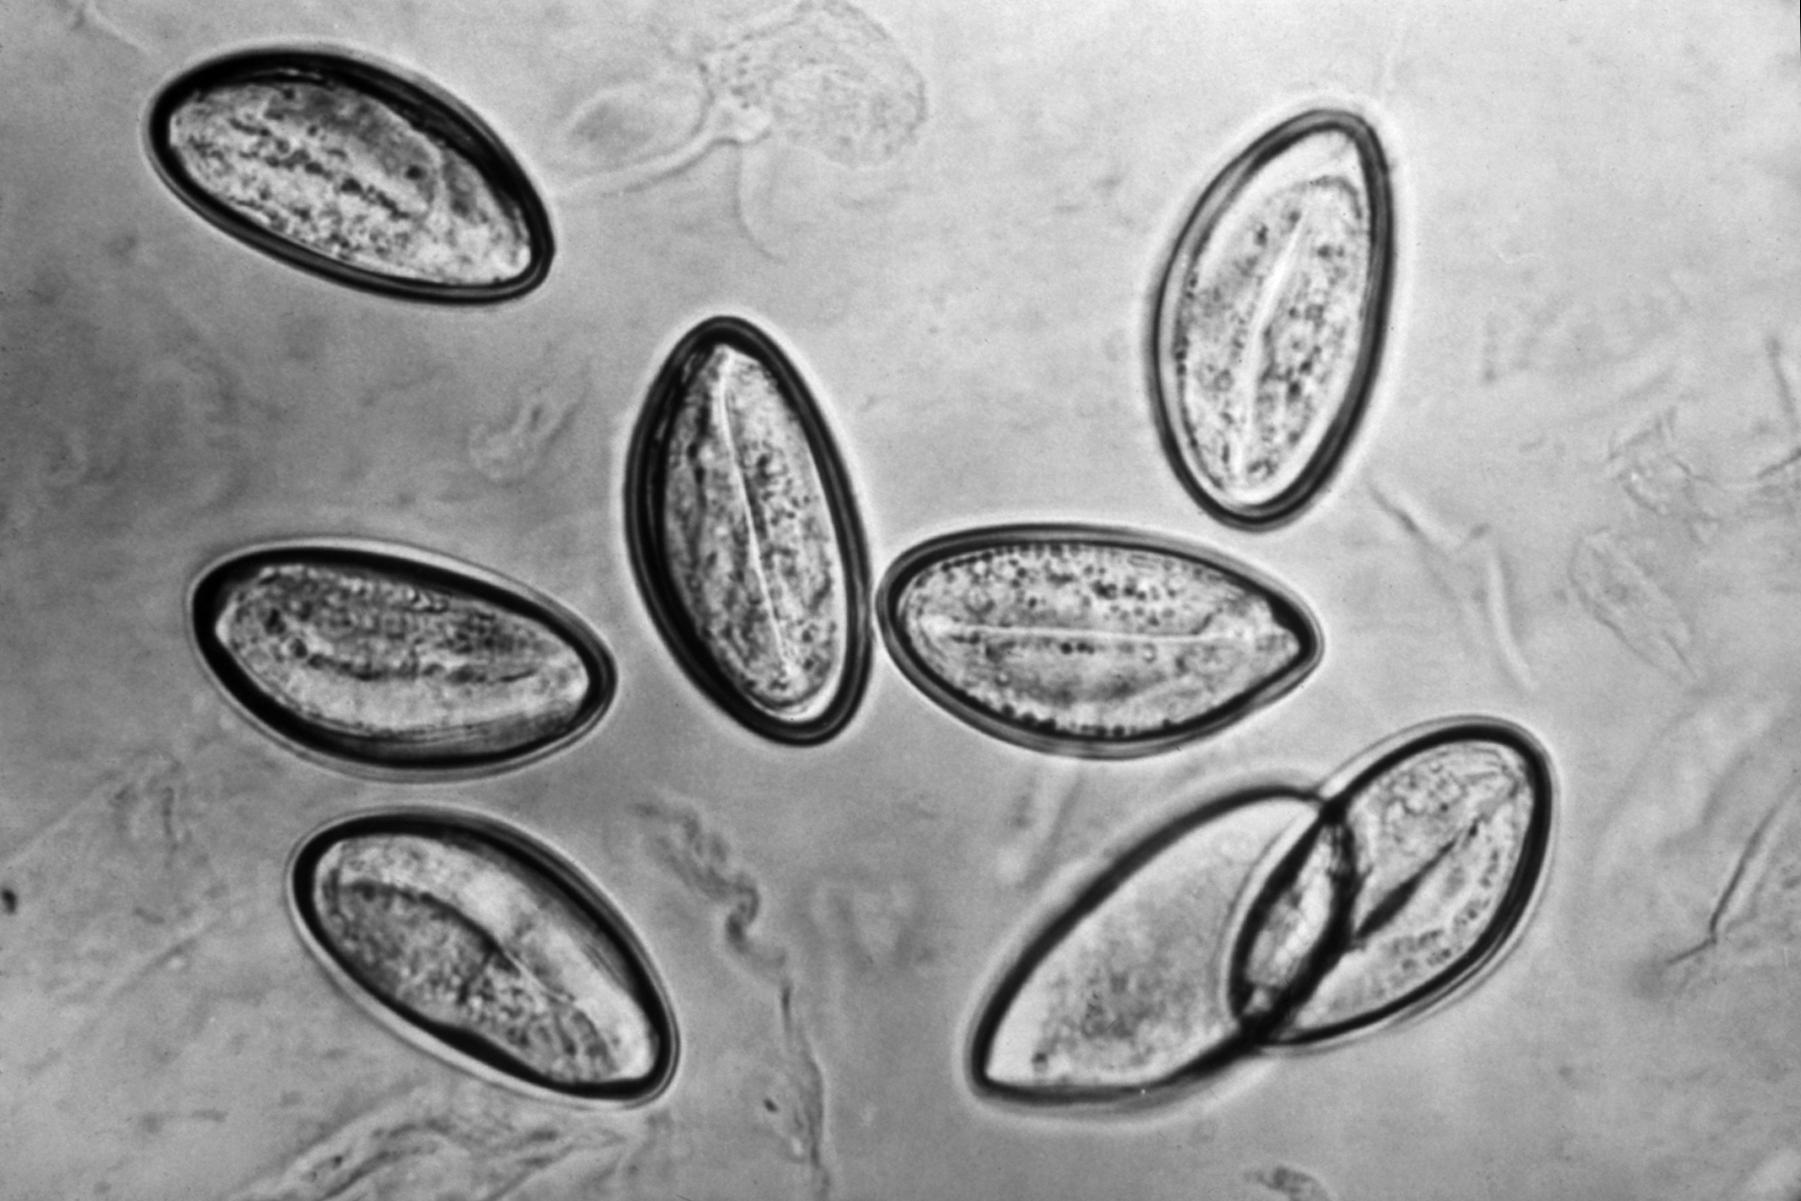 enterobius vermicularis glista)